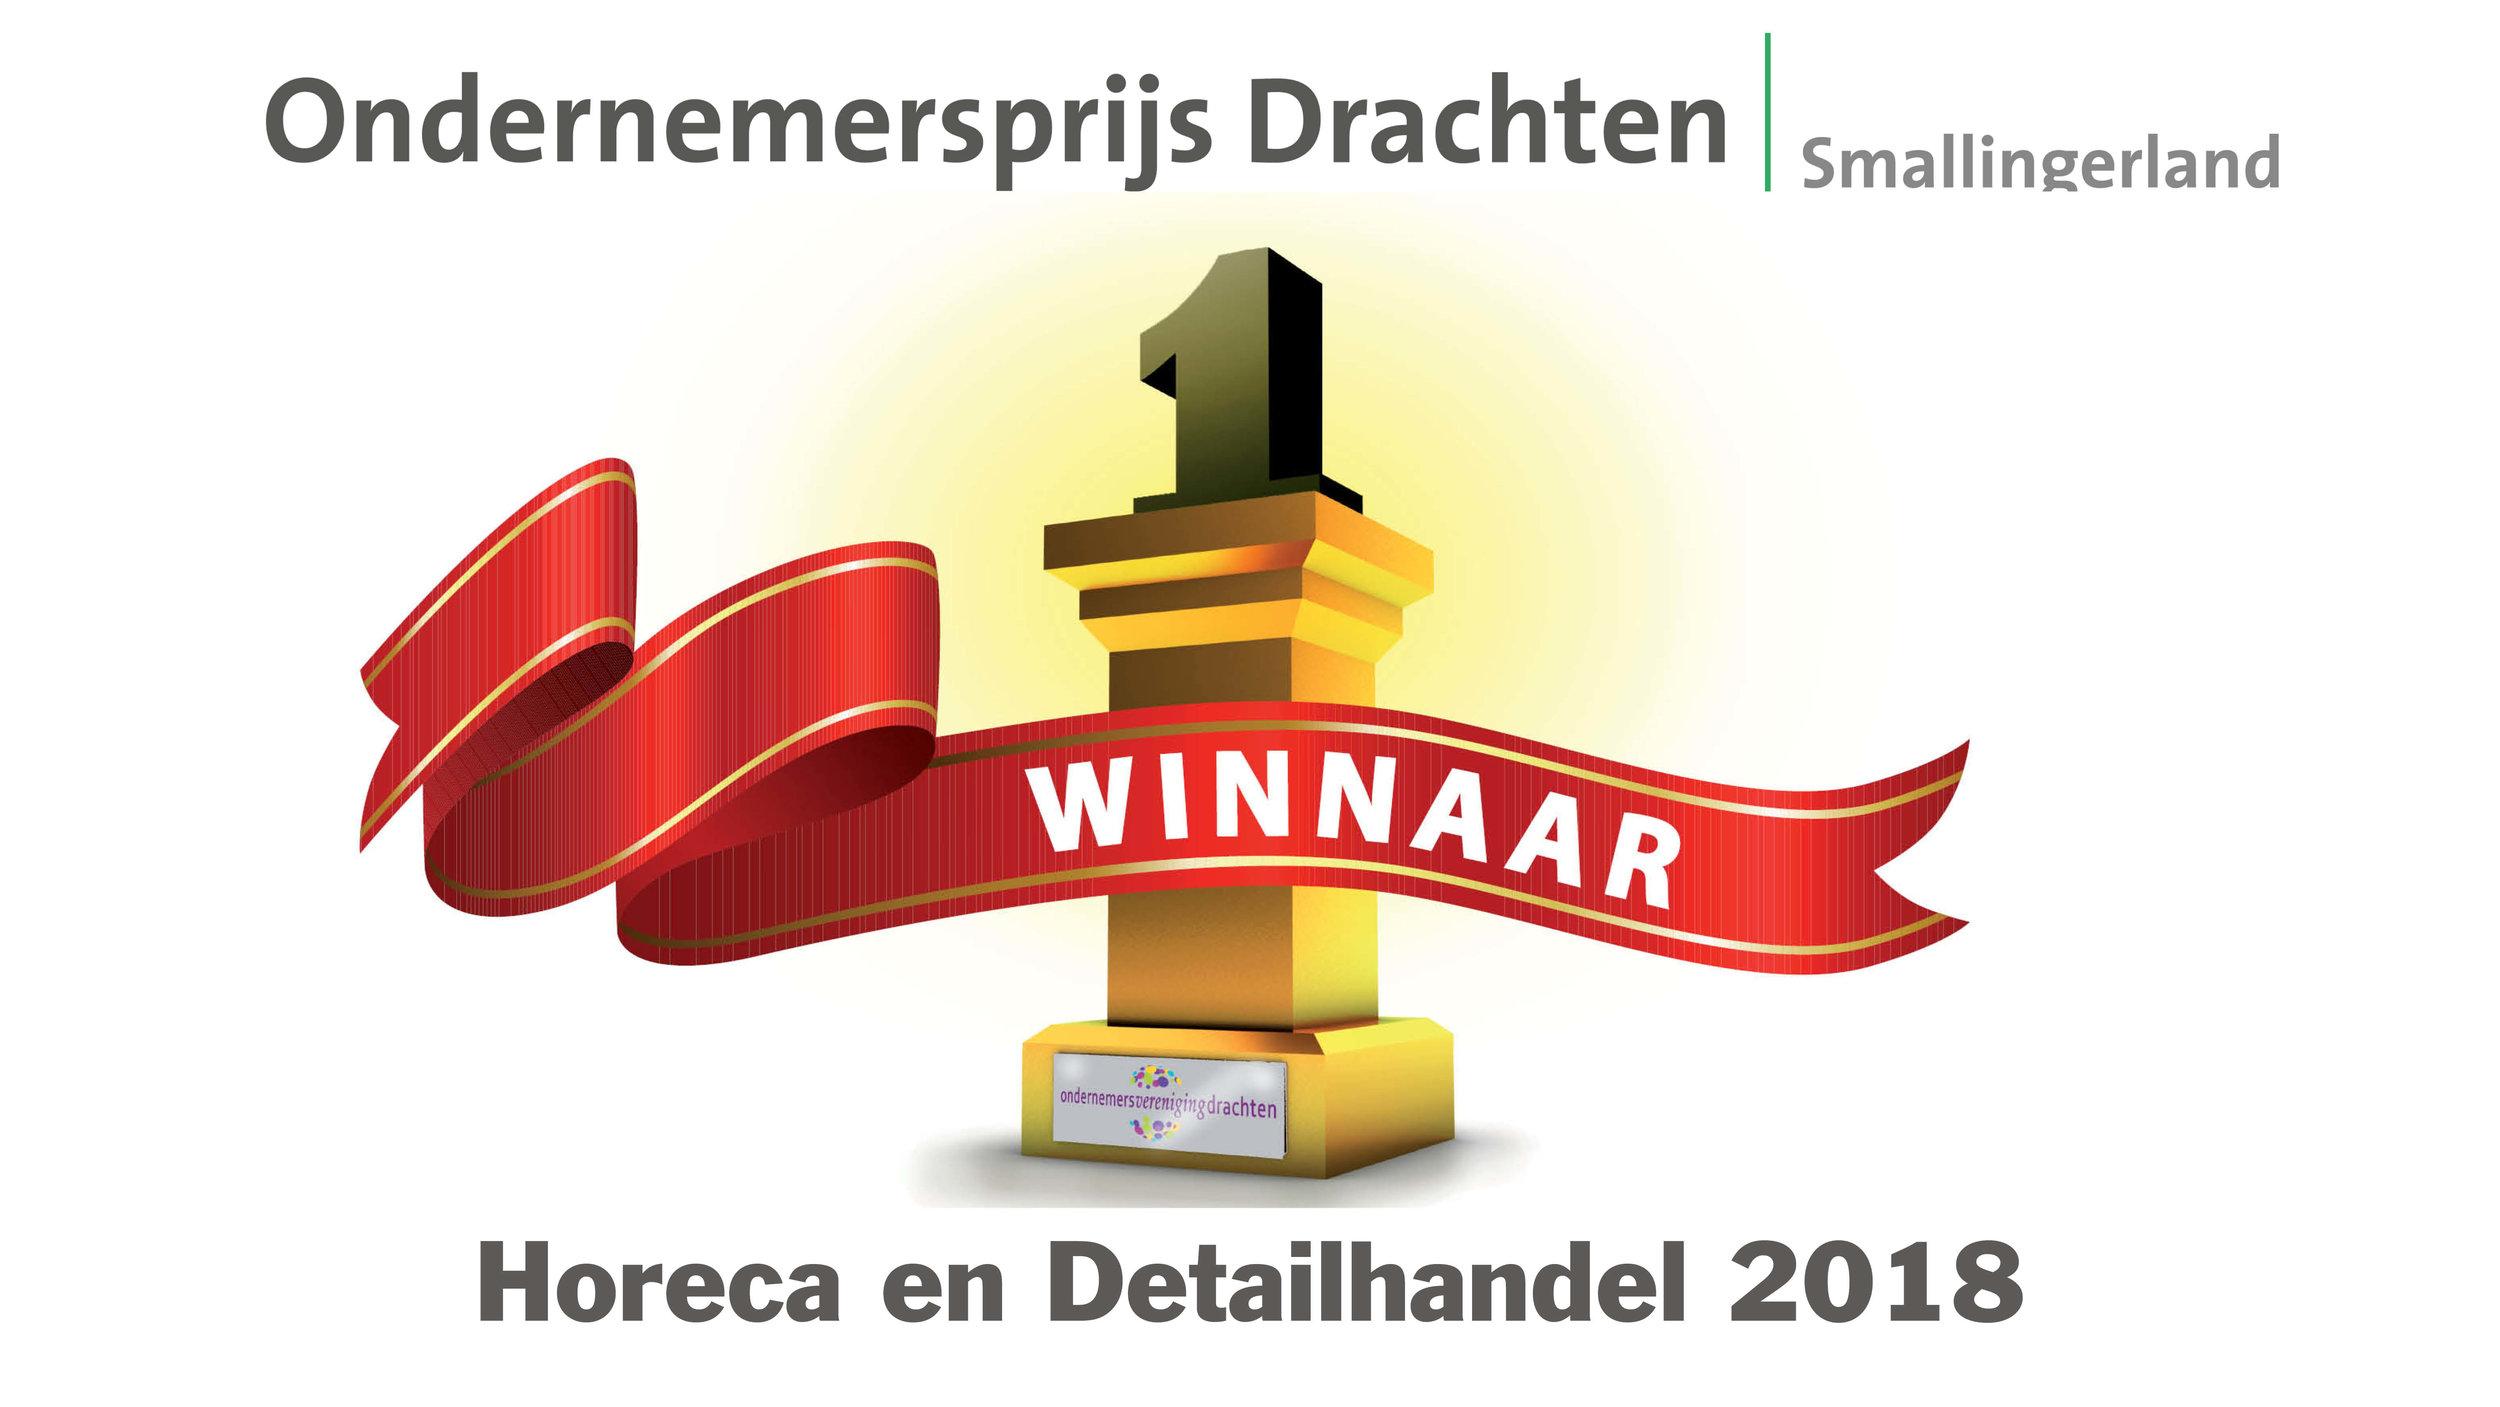 Gewonnen! - Door een vakkundige jury zijn wij verkozen tot onderneming van het jaar 2018 in de categorie Horeca en Detailhandel!